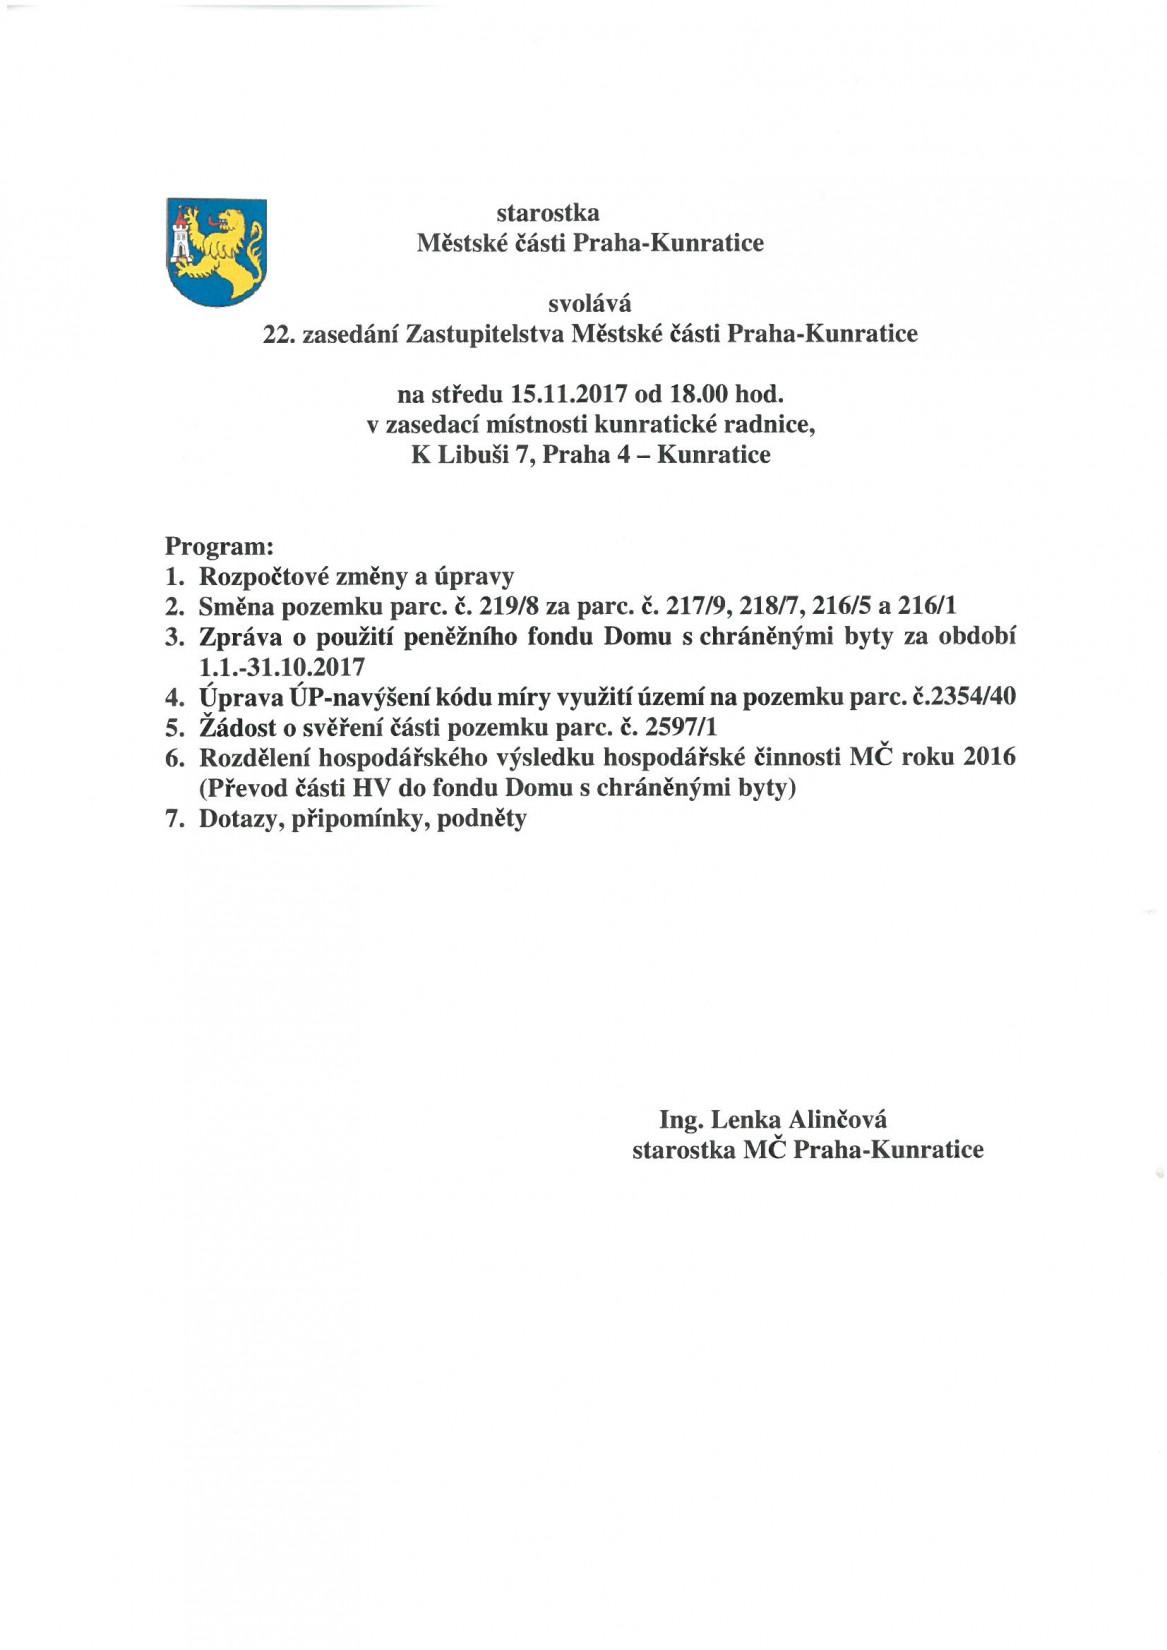 Program 22. zasedání ZMČ P-KU dne 15. 11. 2017